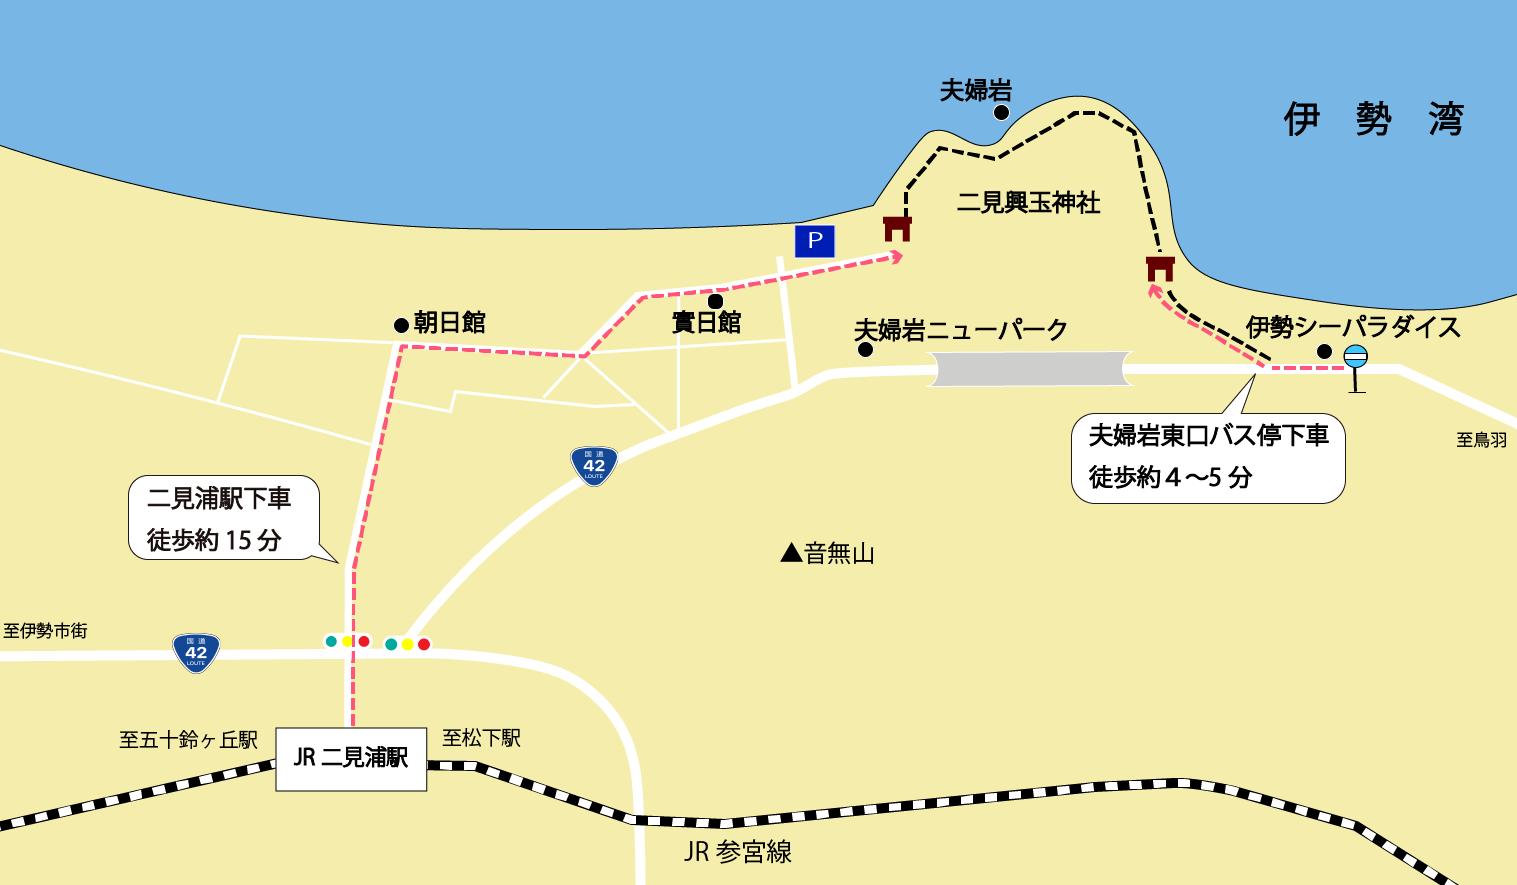 徒歩案内図